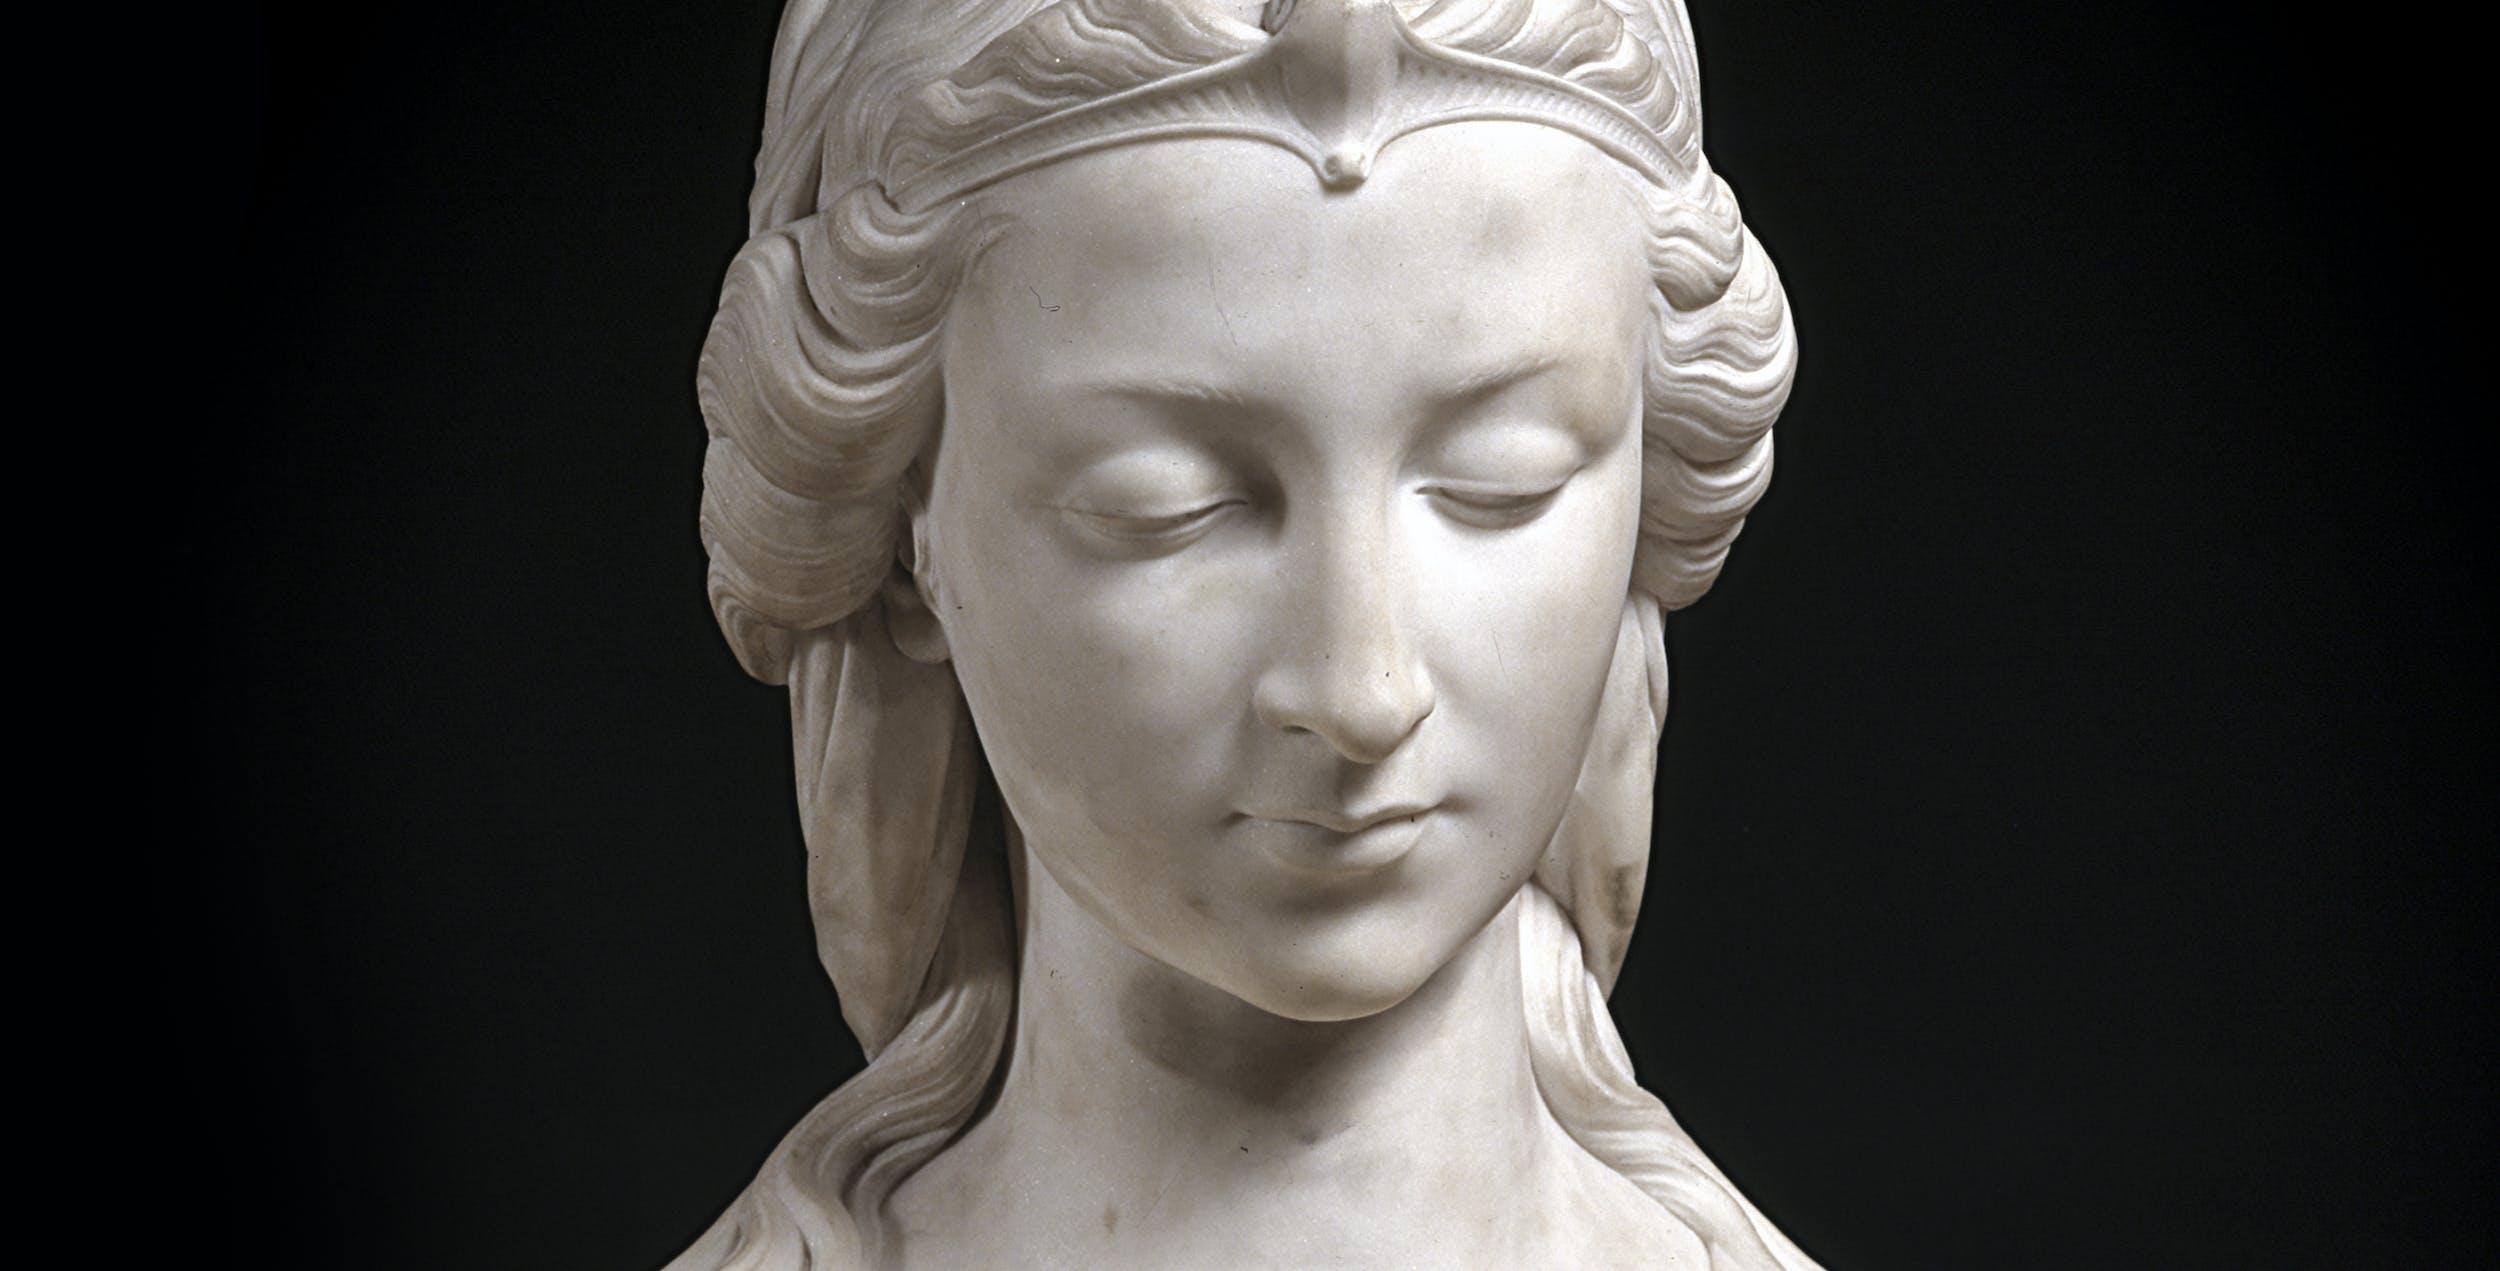 Giovanni Bastianini, Busto di Piccarda Donati, Palazzo Pitti, Galleria d'Arte Moderna (part.)